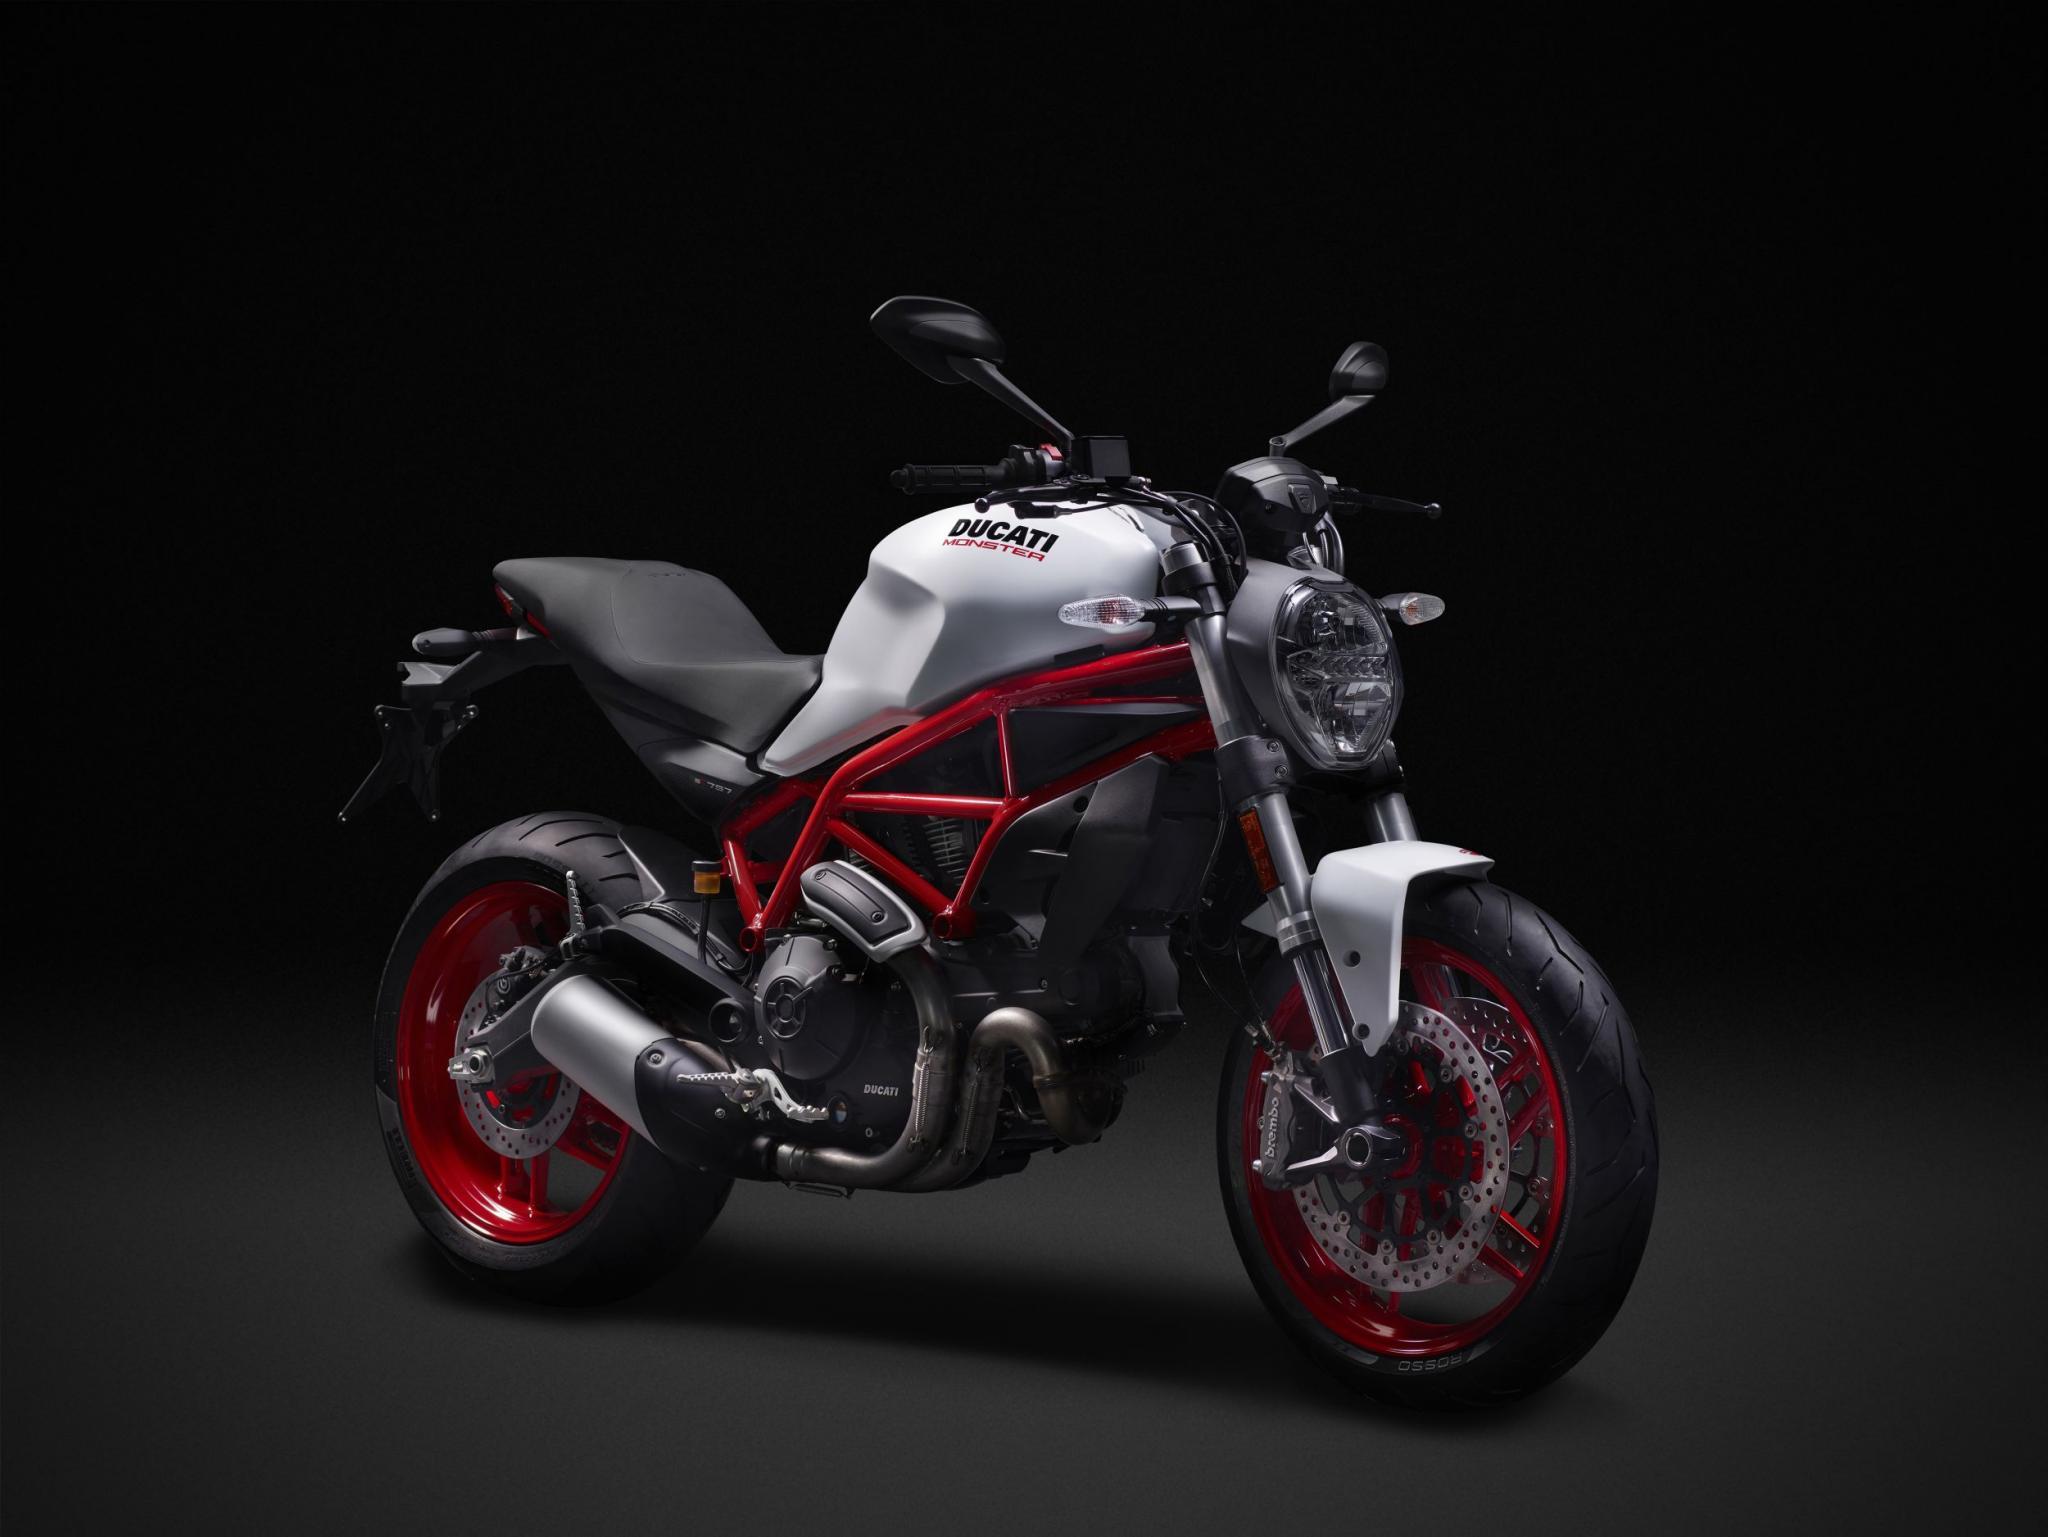 Ducati Monster 797 2017 Motorrad Fotos & Motorrad Bilder